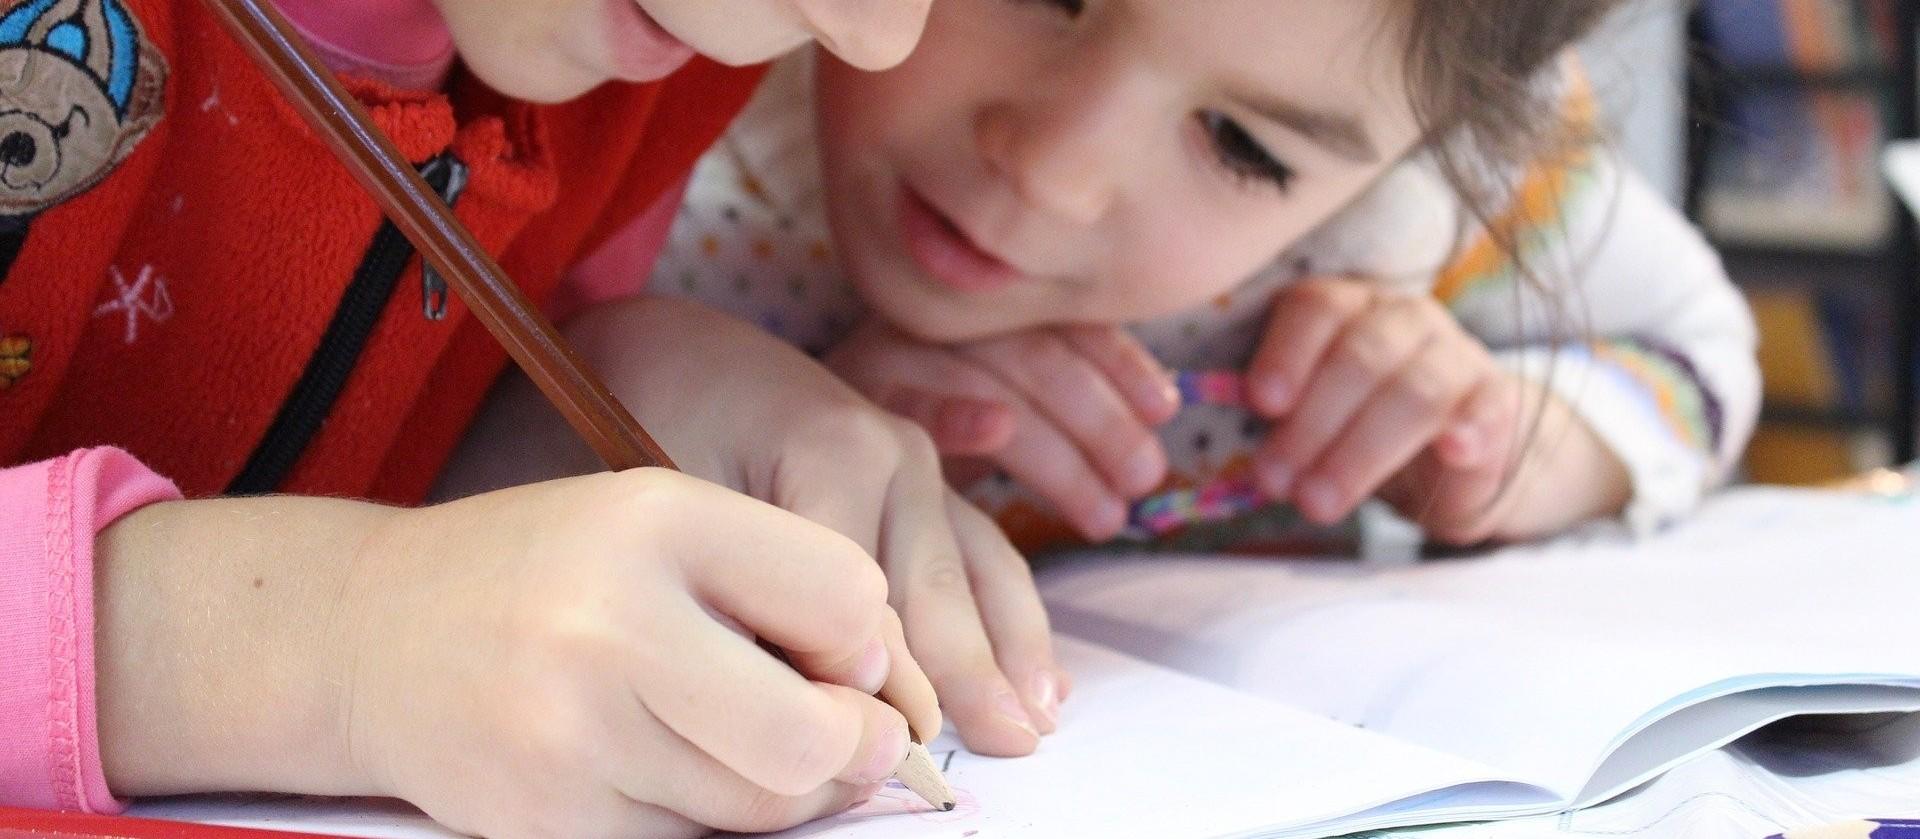 Educação infantil pode ser decisiva para o futuro das crianças